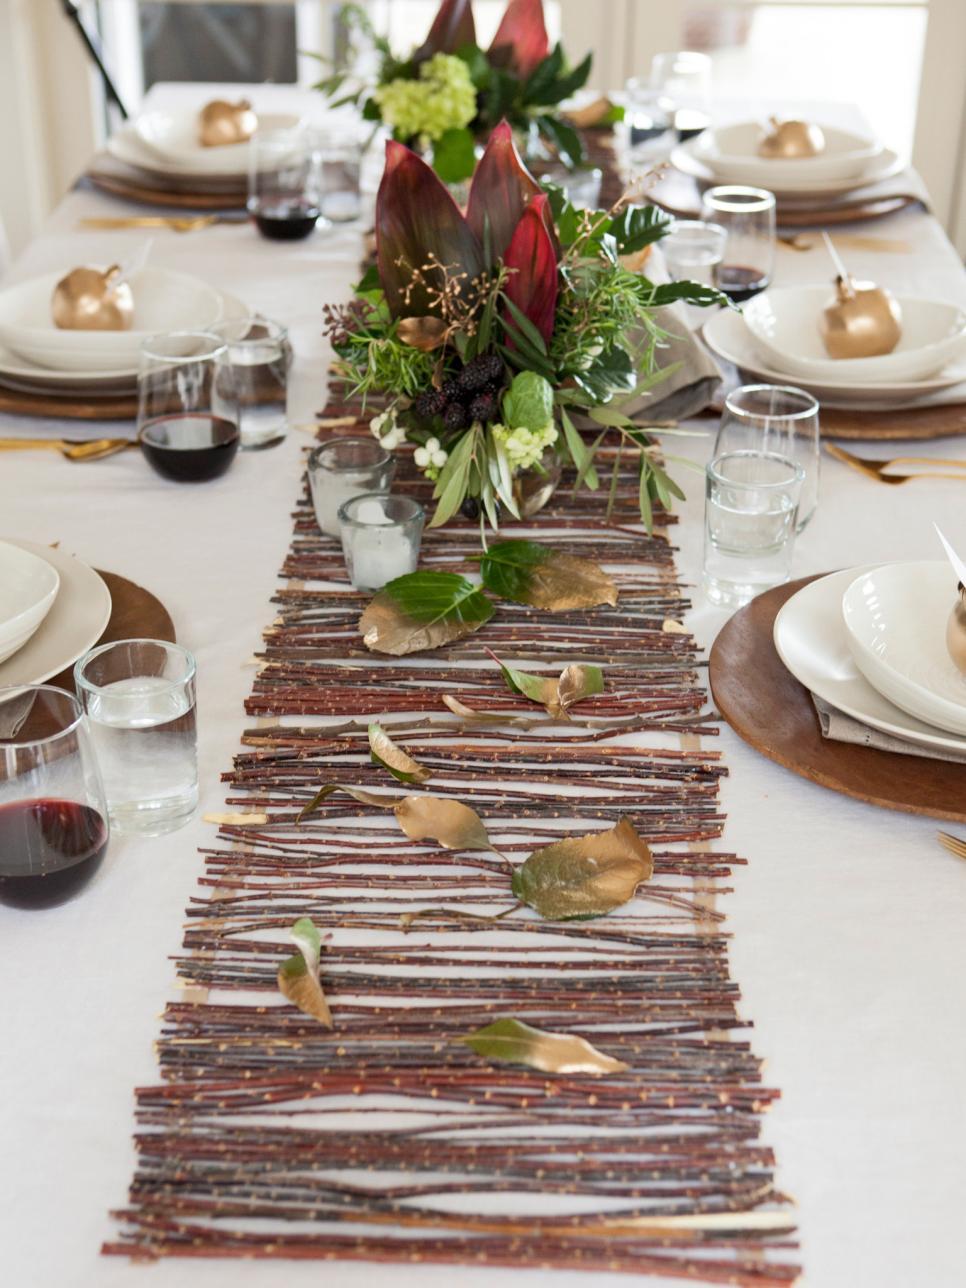 centro mesa ideas ramas arbol colocadas hojas original